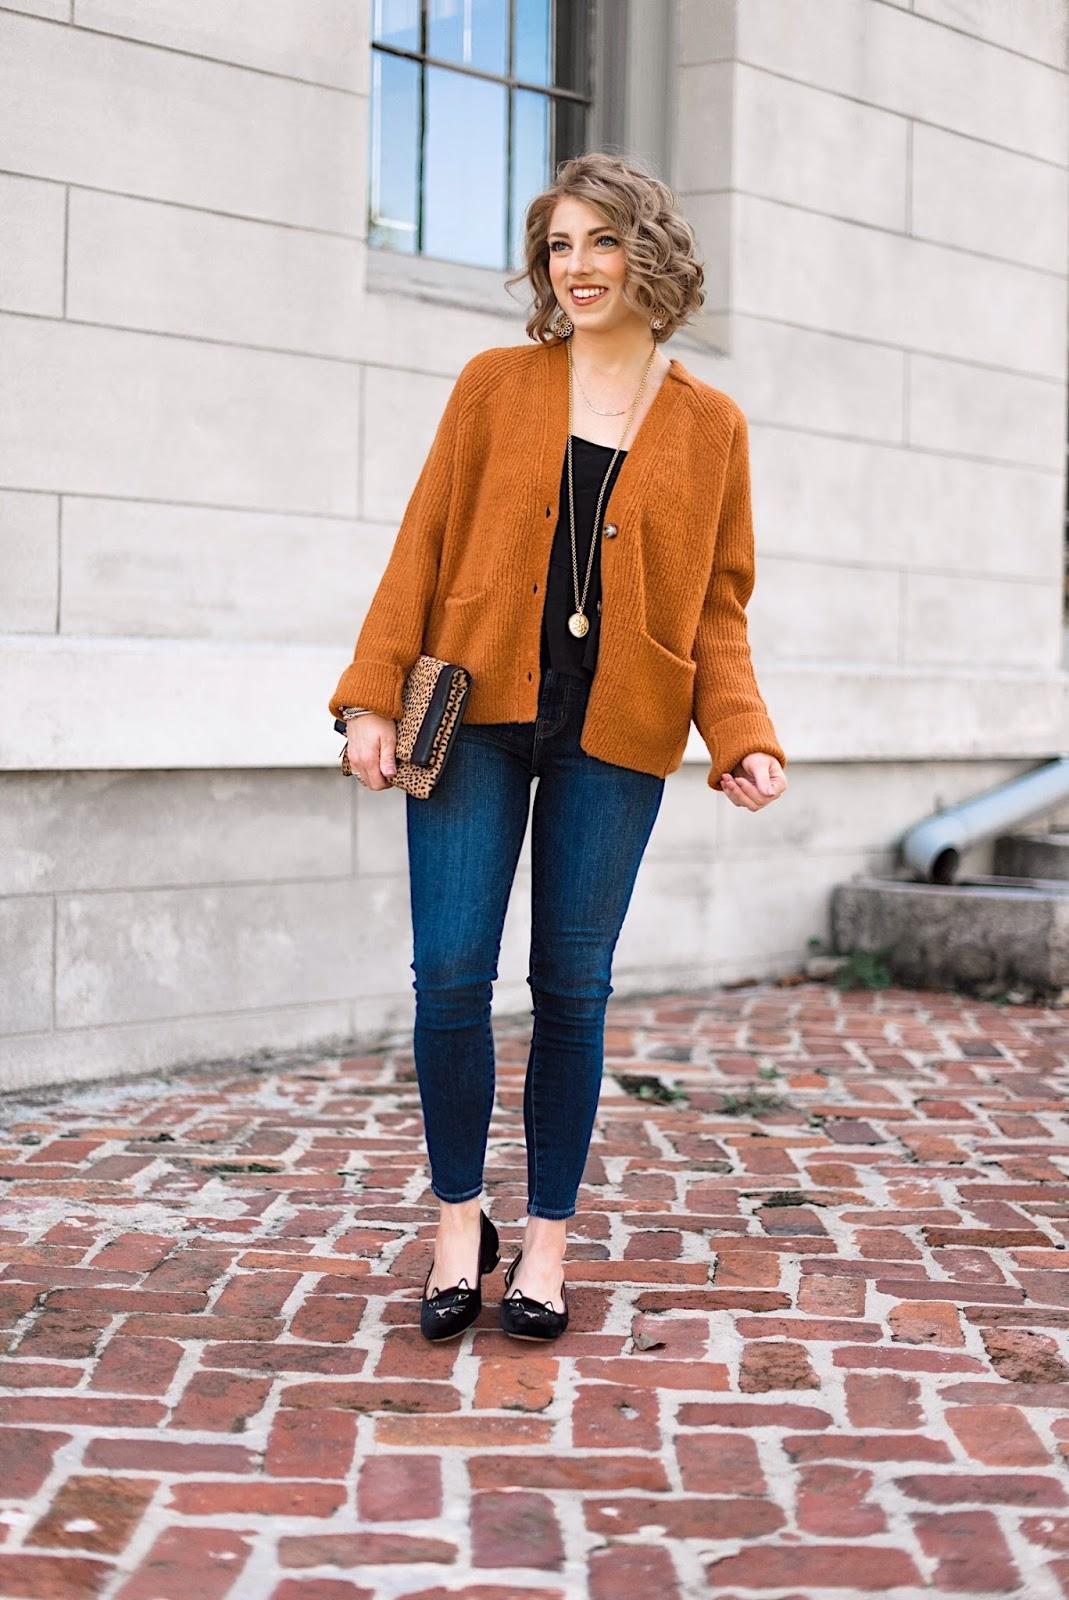 Burnt Orange & Black for Fall - Something Delightful Blog